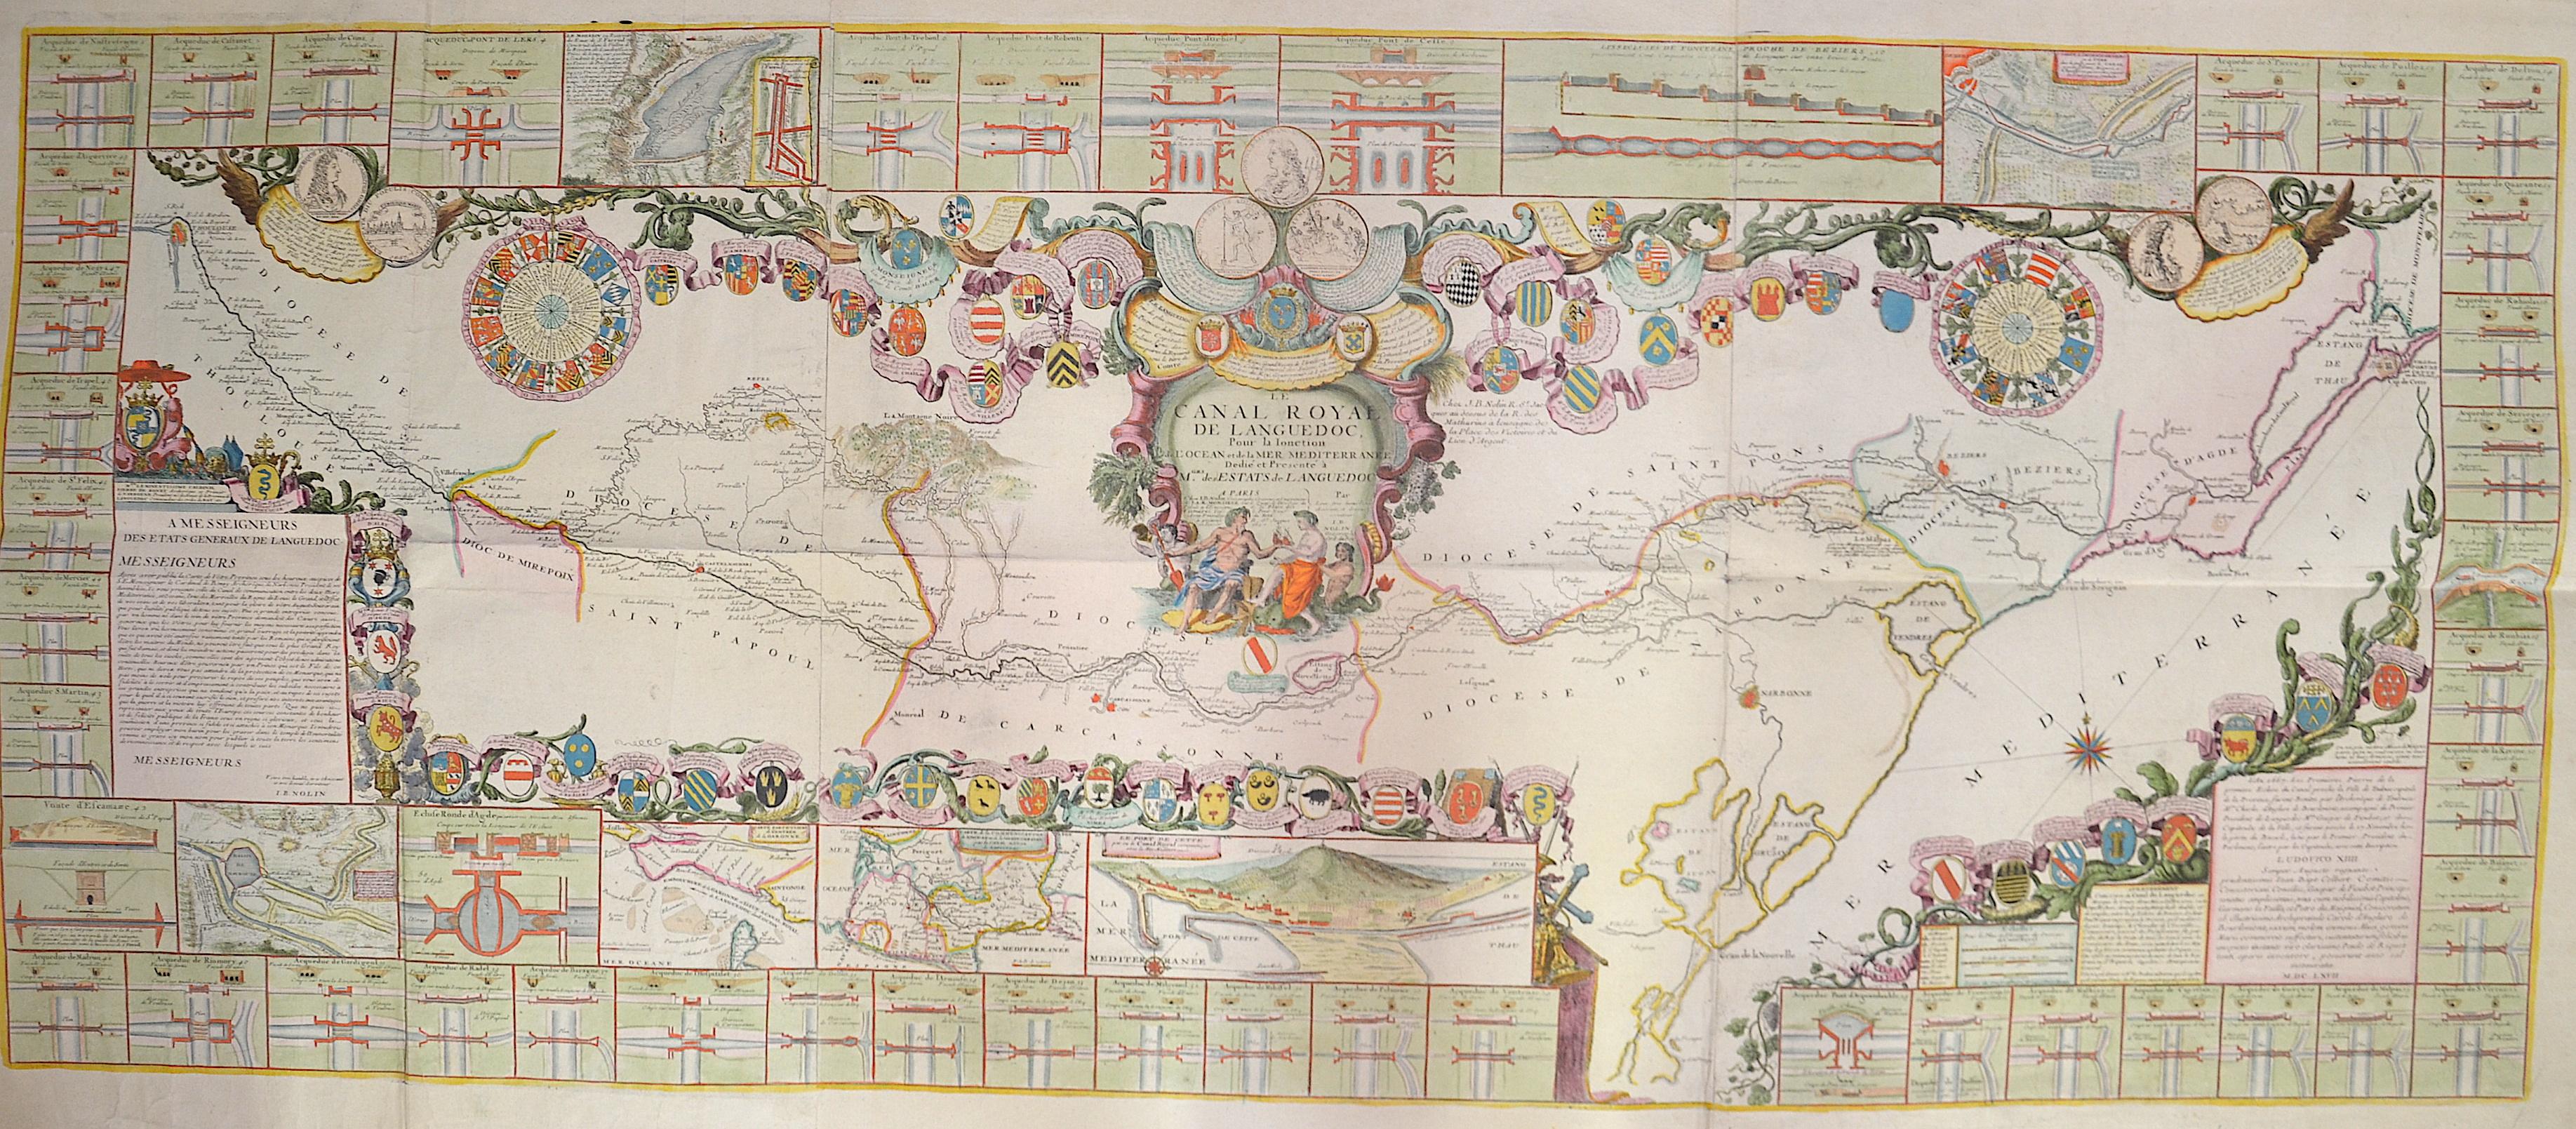 Nolin Jean Baptiste Le Canal Royal de Languedoc, Pour la Ionction de L' Ocean et de la Mer Mediterranee